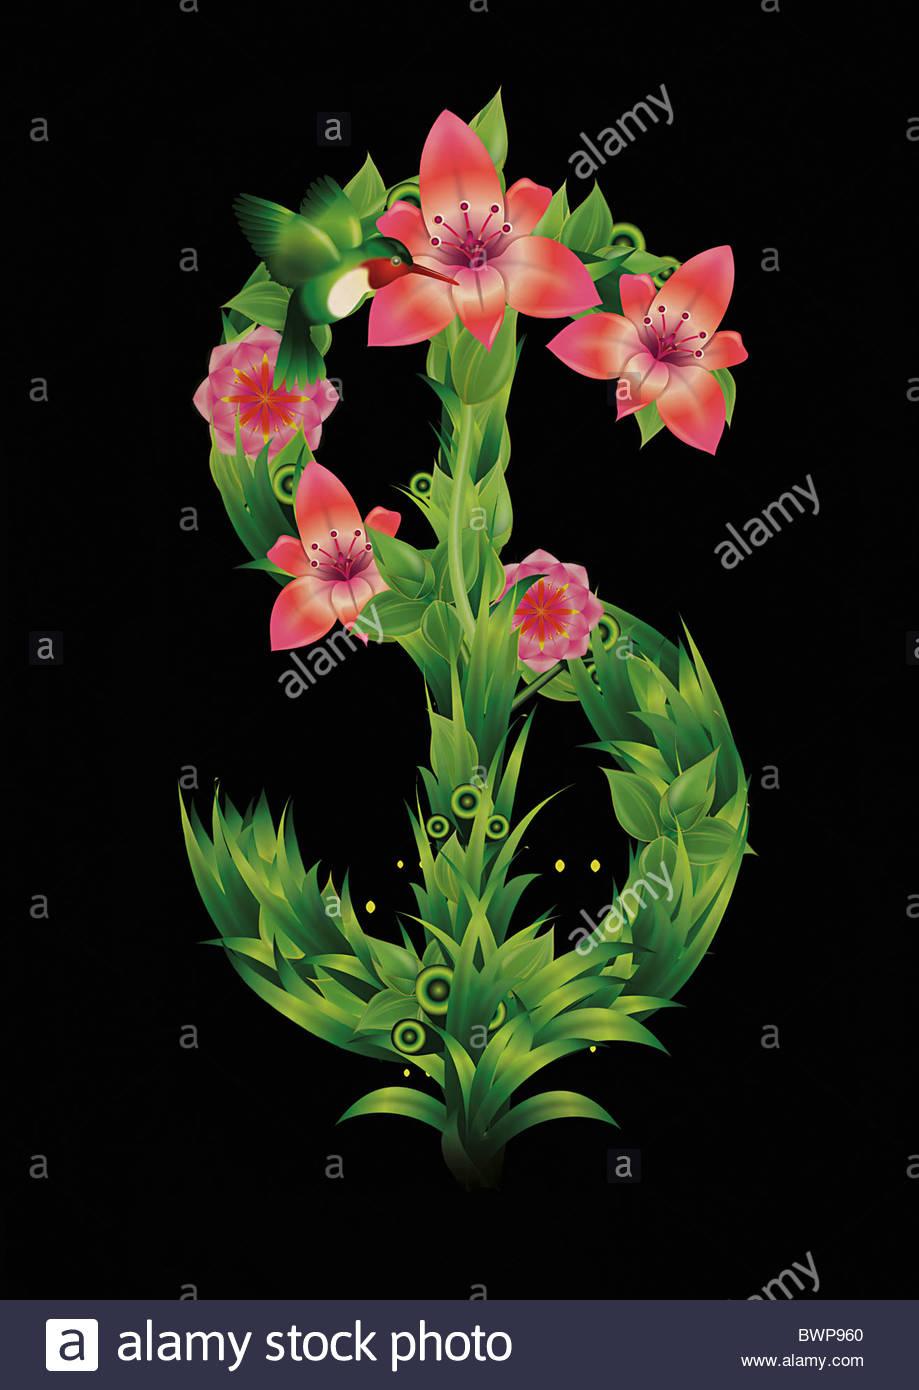 Blooming [signo de dólar] símbolo Imagen De Stock